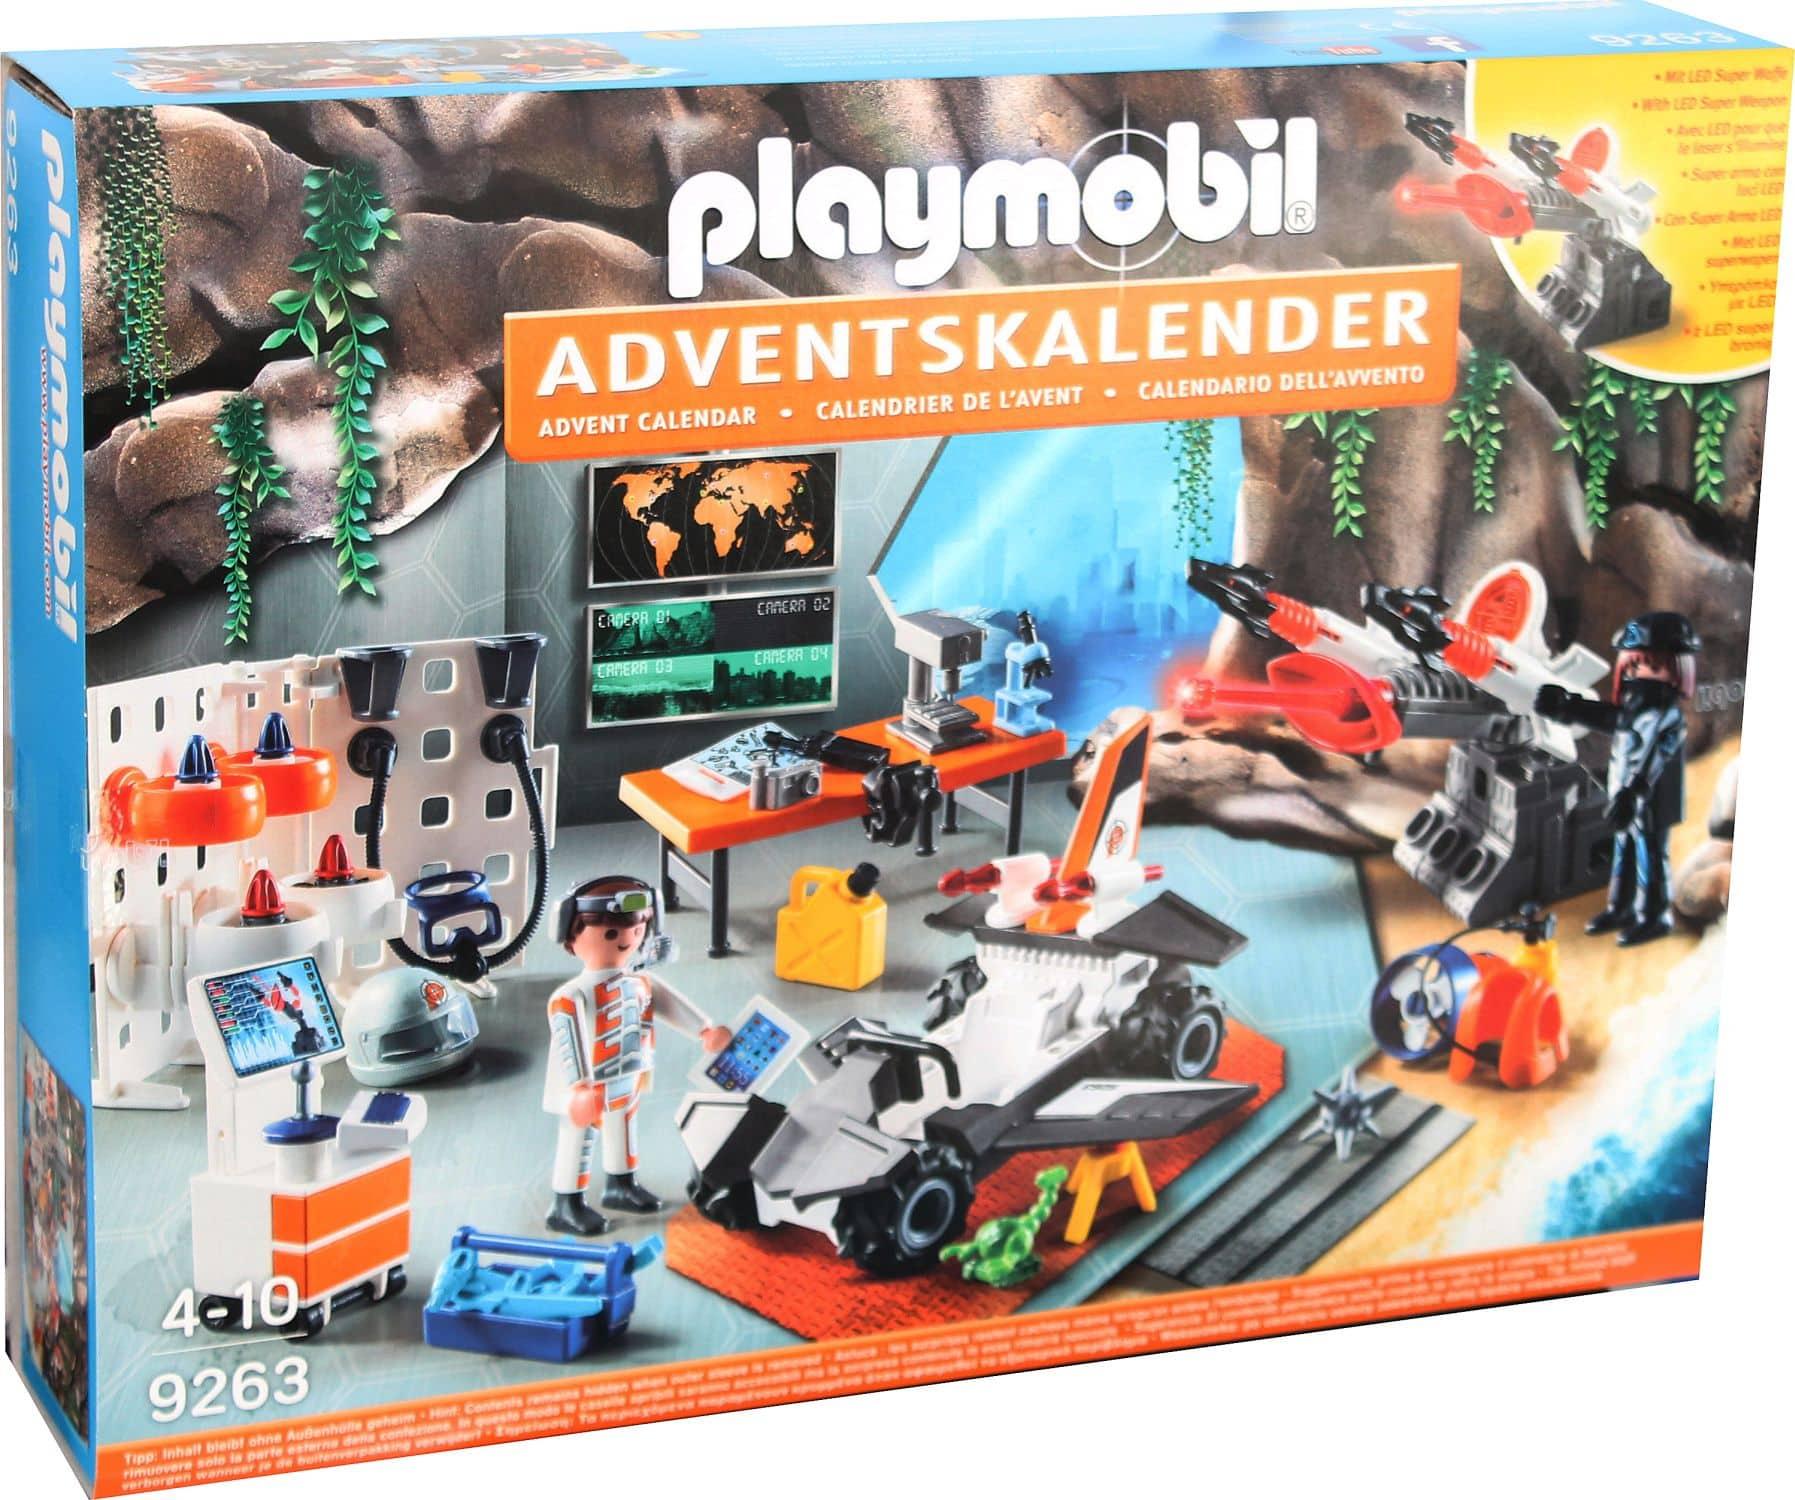 Playmobil Weihnachtskalender.Details Zu Playmobil Spy Team Werkstatt Adventskalender Weihnachtskalender Neu